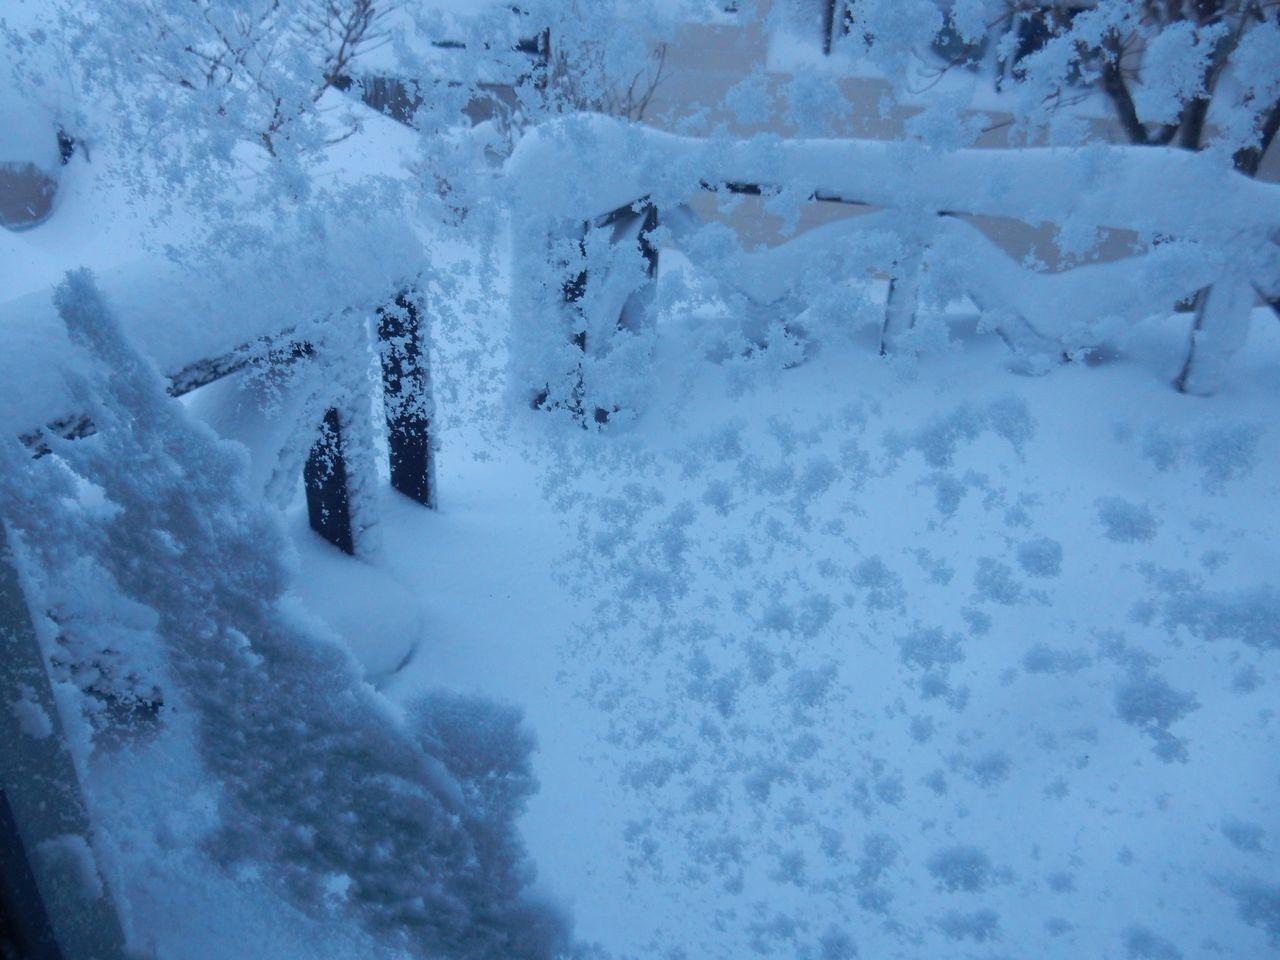 雪に埋まった_c0025115_21360881.jpg